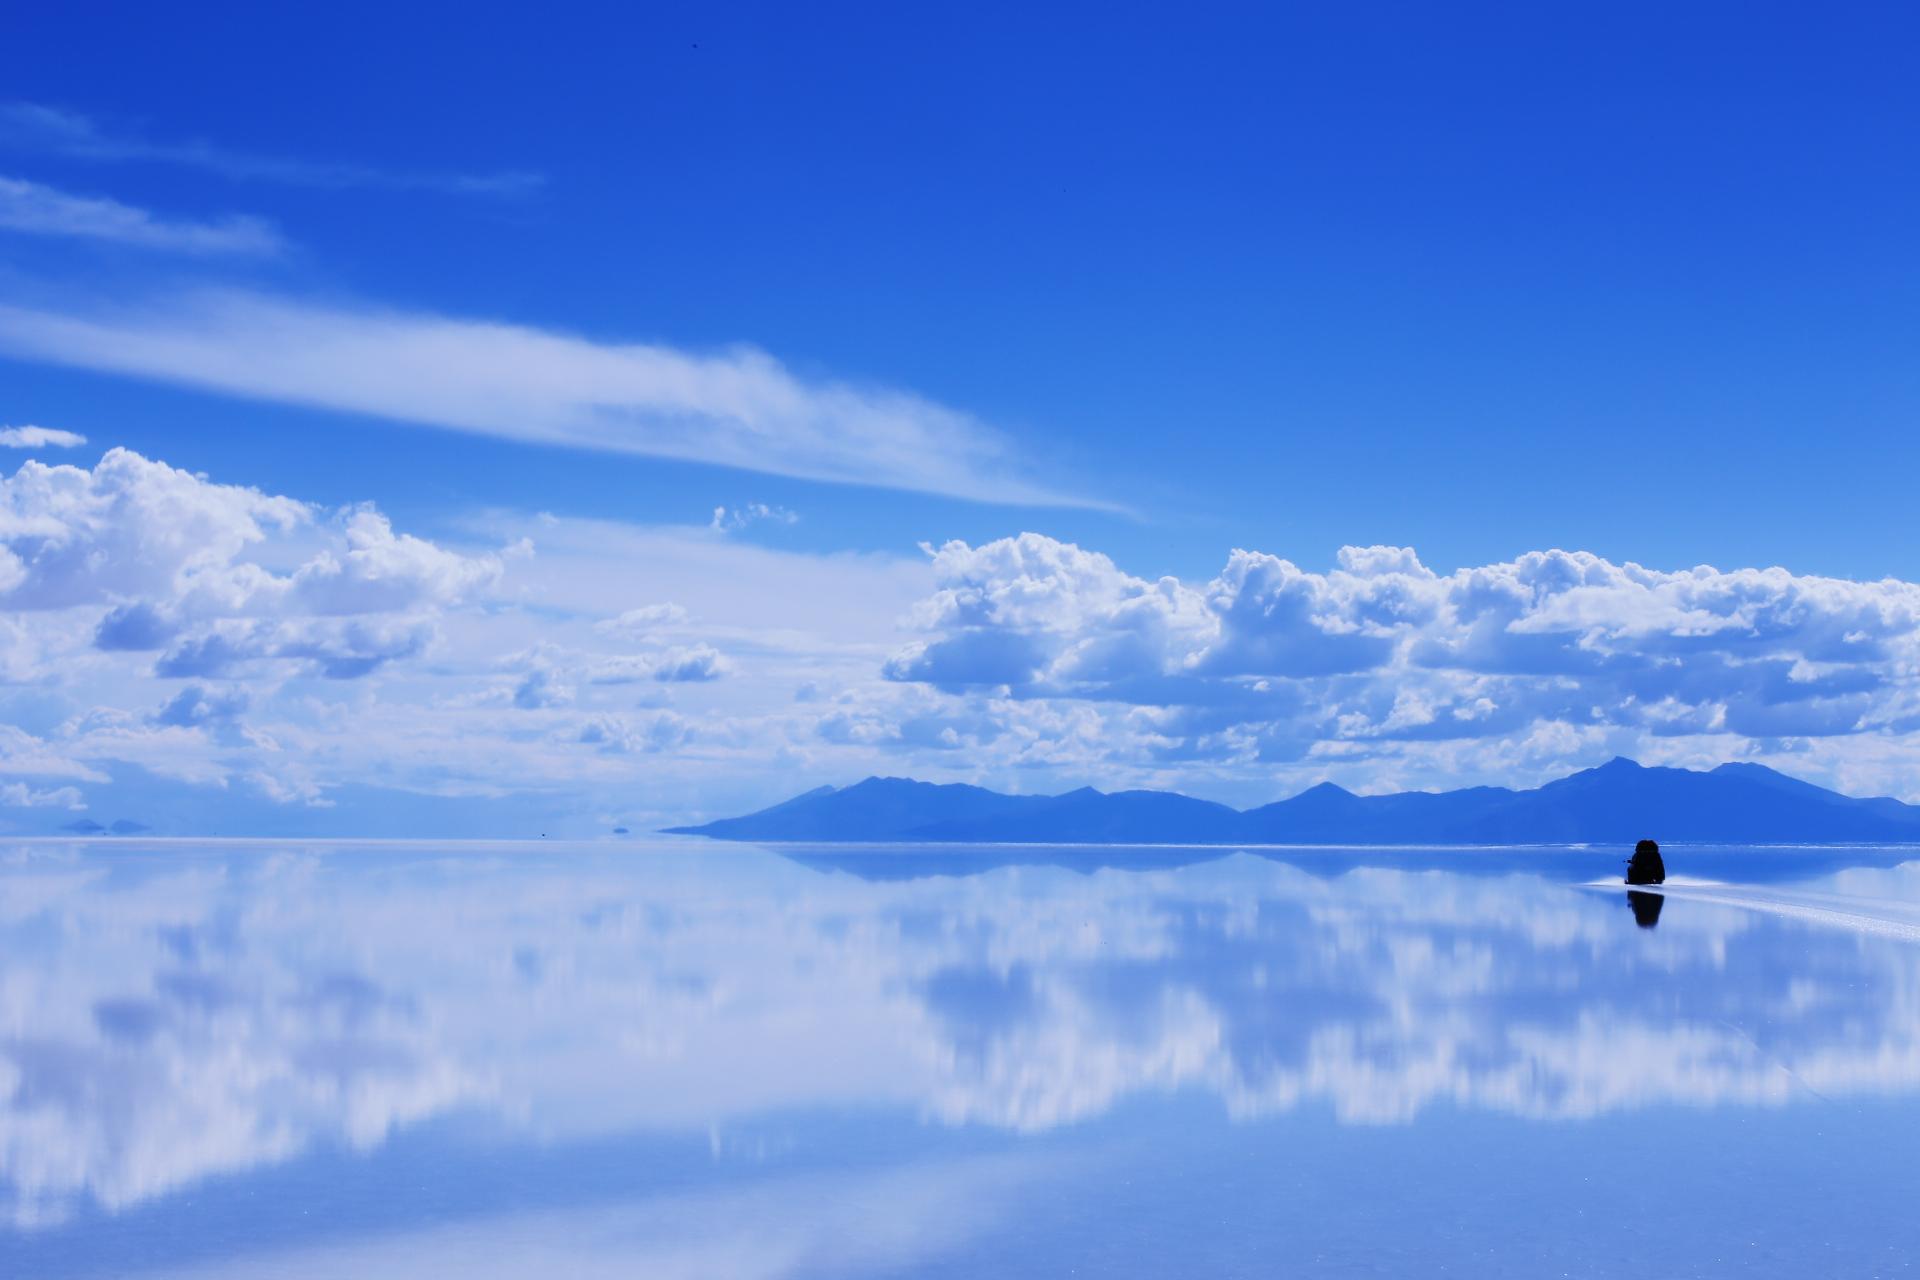 どこまでも続くウユニ塩湖遺跡の壁紙